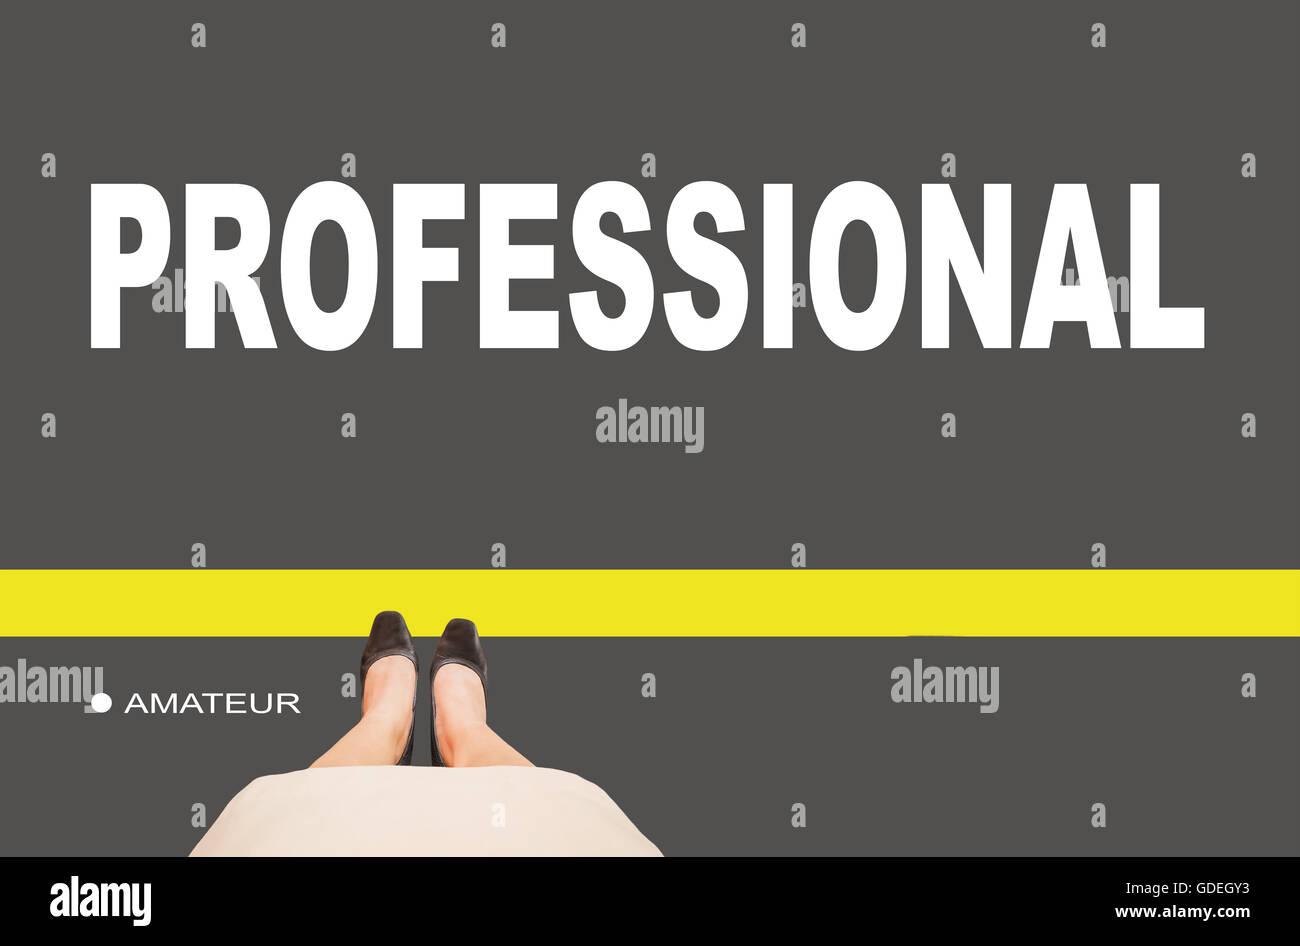 Les femmes d'affaires en ligne permanent de la jambe avec du texte sur les amateurs et professionnels de terrain, Photo Stock